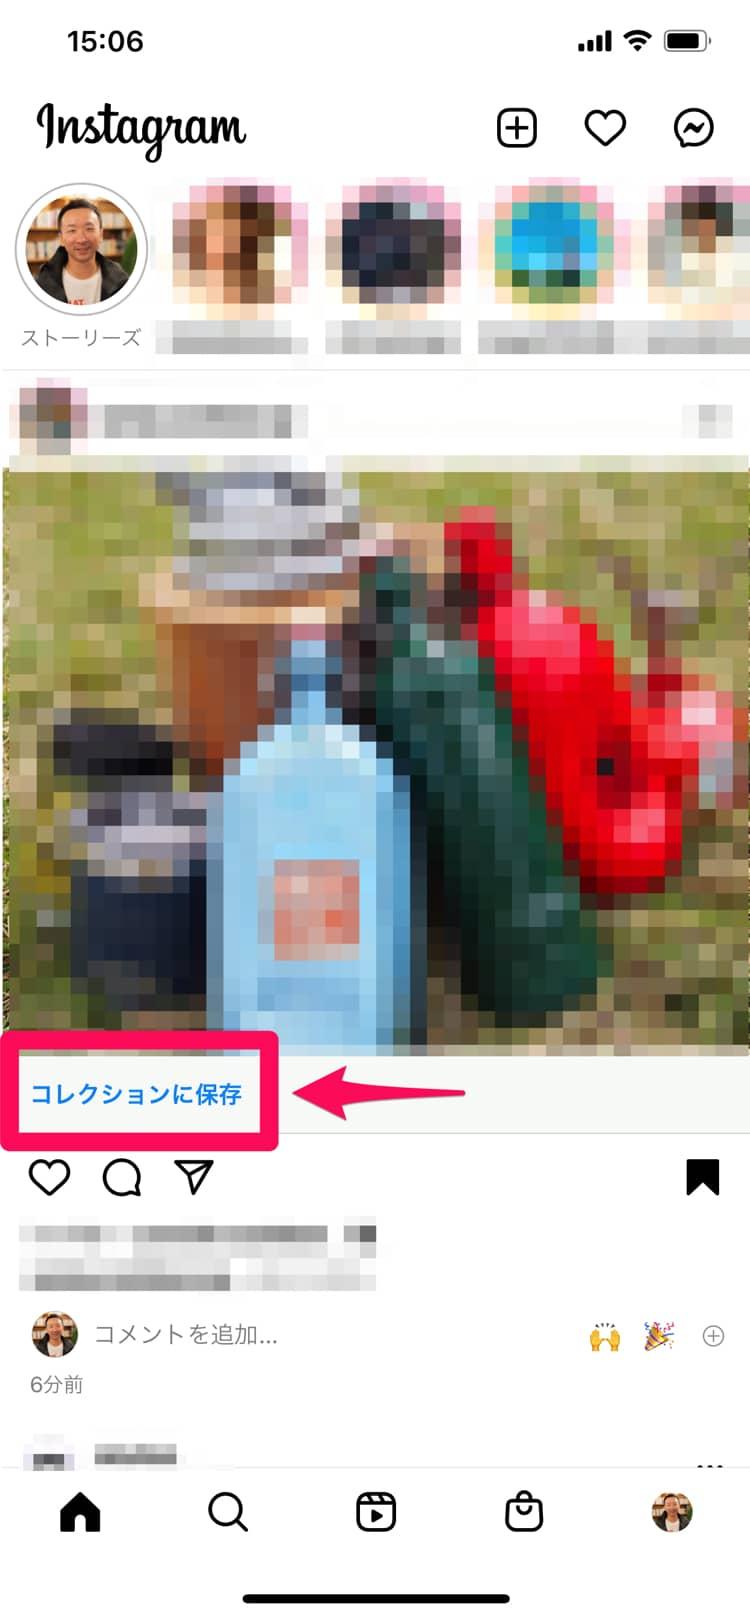 Instagramで保存した投稿をコレクションに保存する